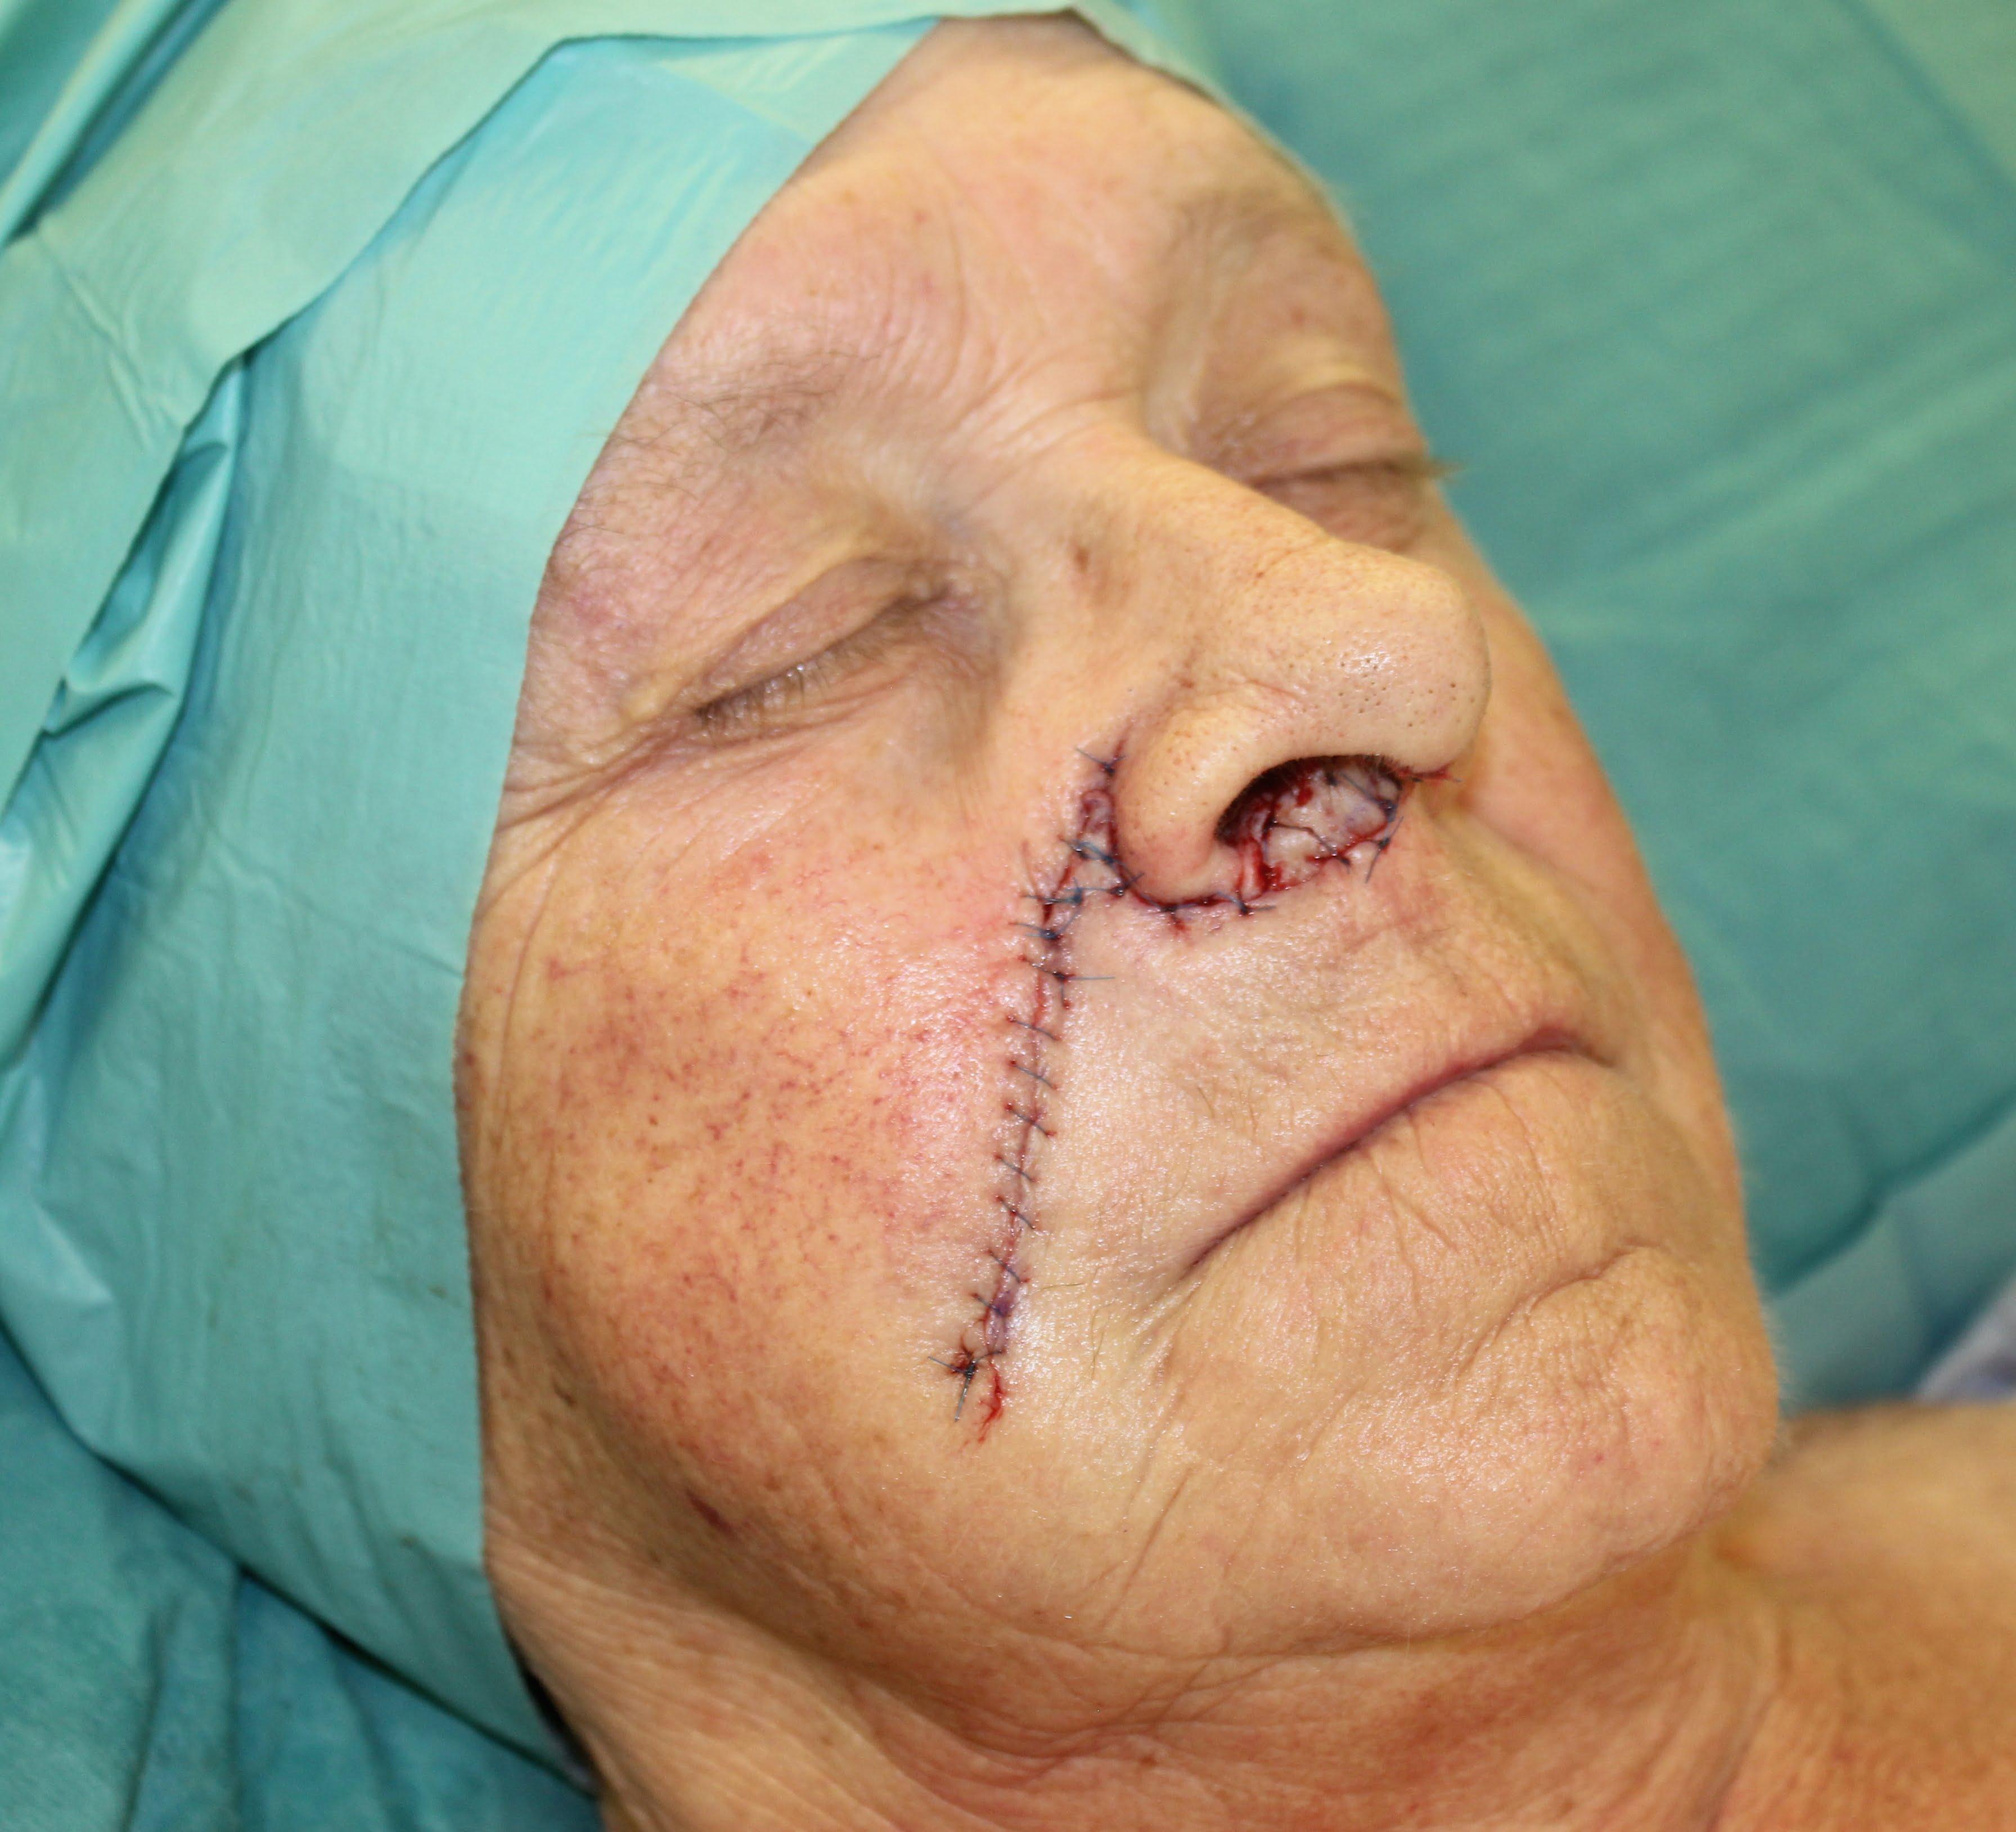 Facial flap surgery